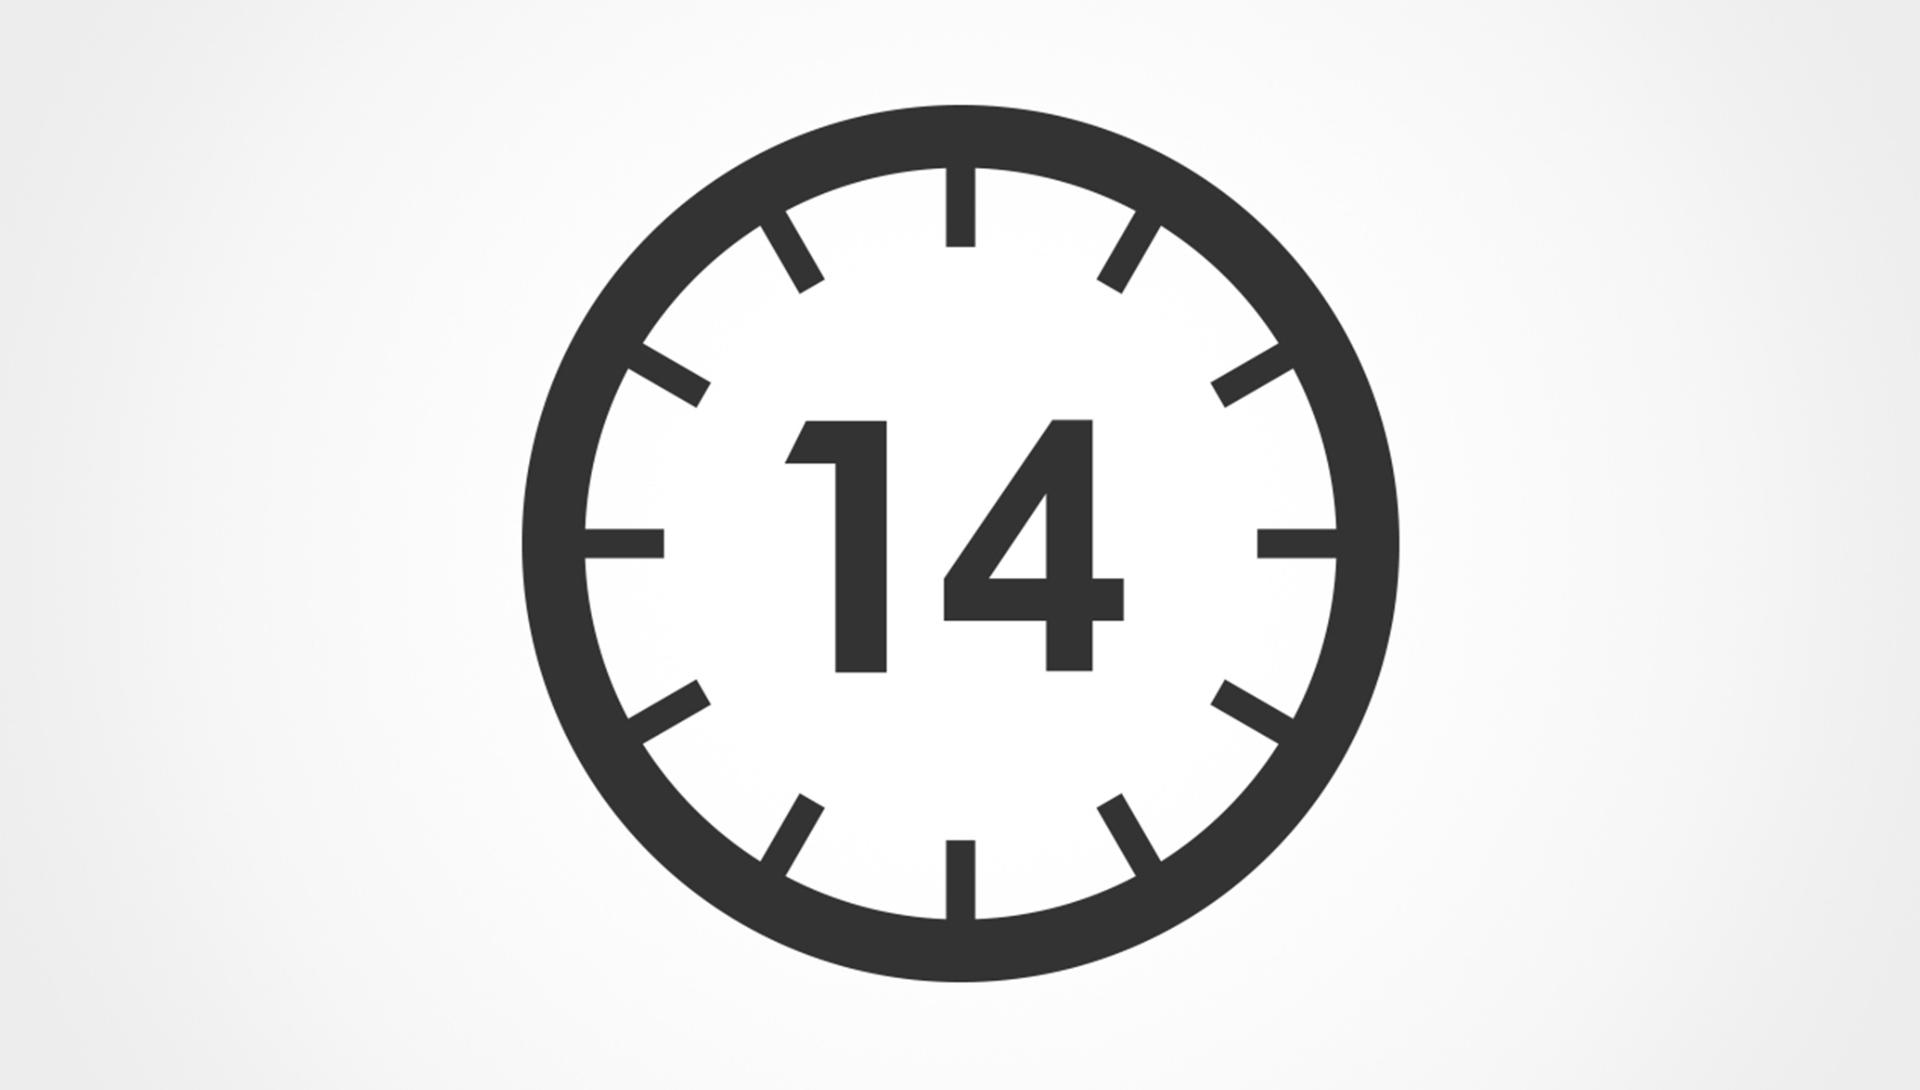 أيقونة 14 ثانية